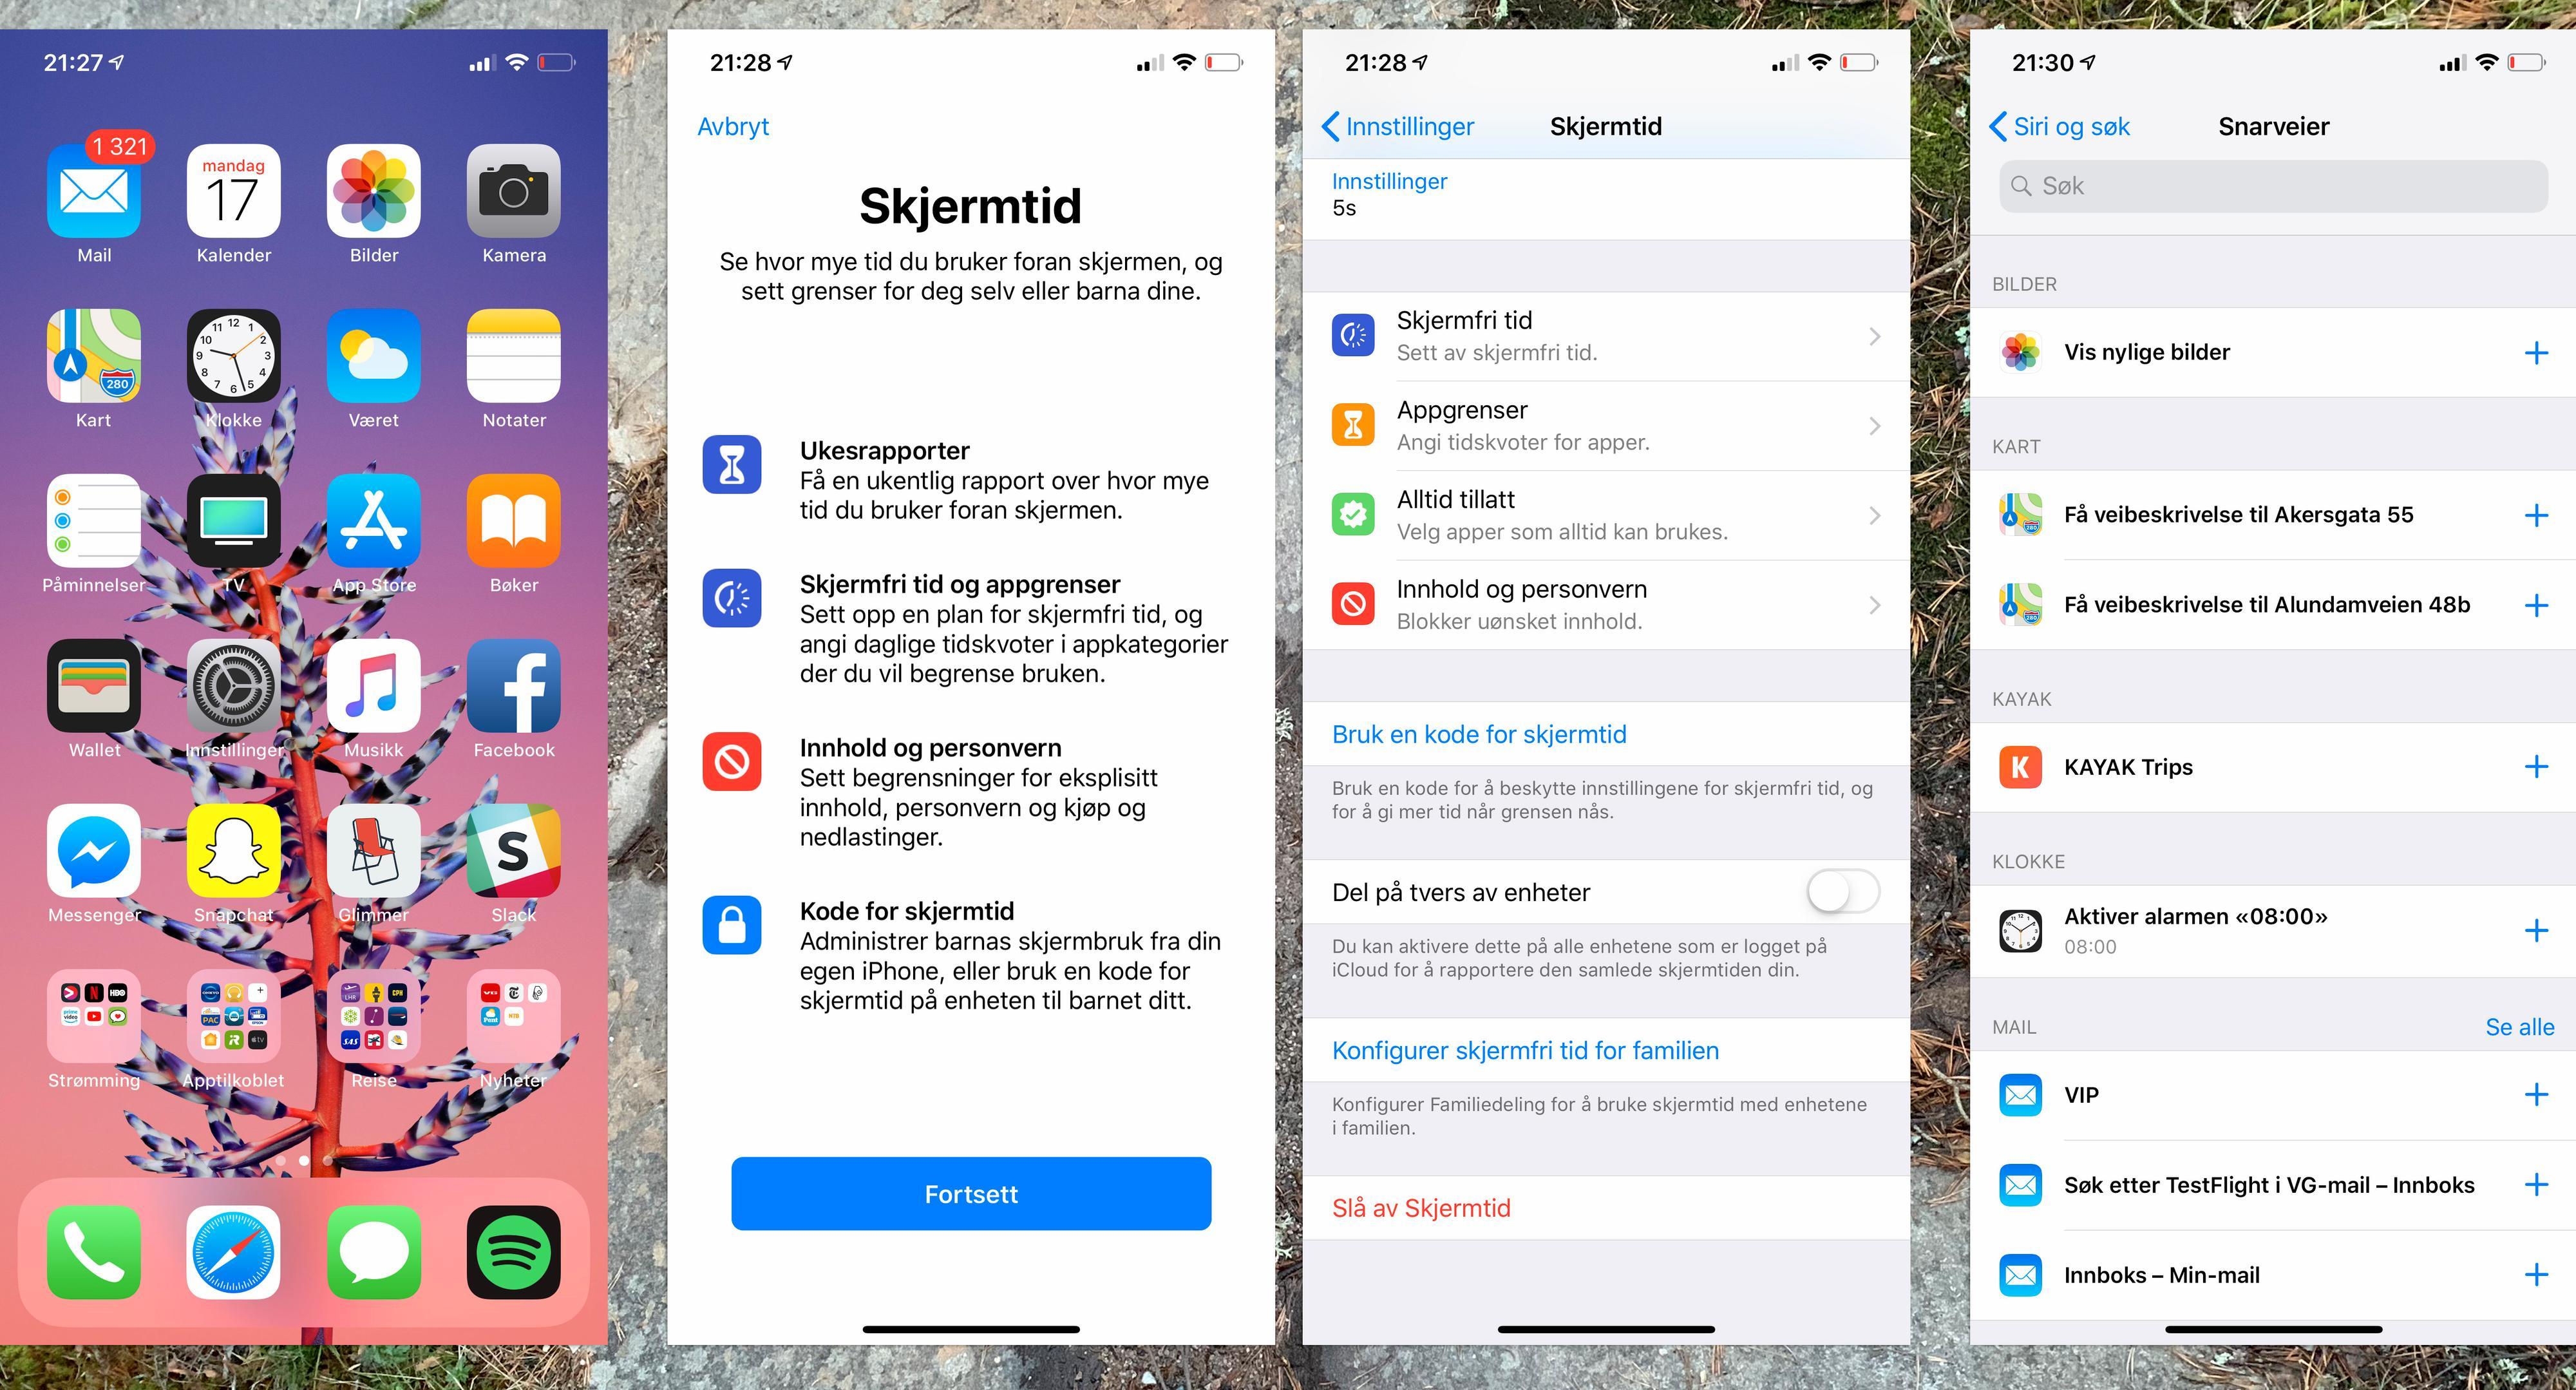 Mye er nytt og fint i iOS 12, men det meste er ved det gamle. Denne oppdateringen handlet mest om stabilitet, og der scorer den bra. Blant de nye funksjonene er tidsstyringsfunksjonen som hjelper deg å begrense mobilbruken, og Siri-snarveiene som lar deg legge inn funksjoner Siri vanligvis ikke håndterer.